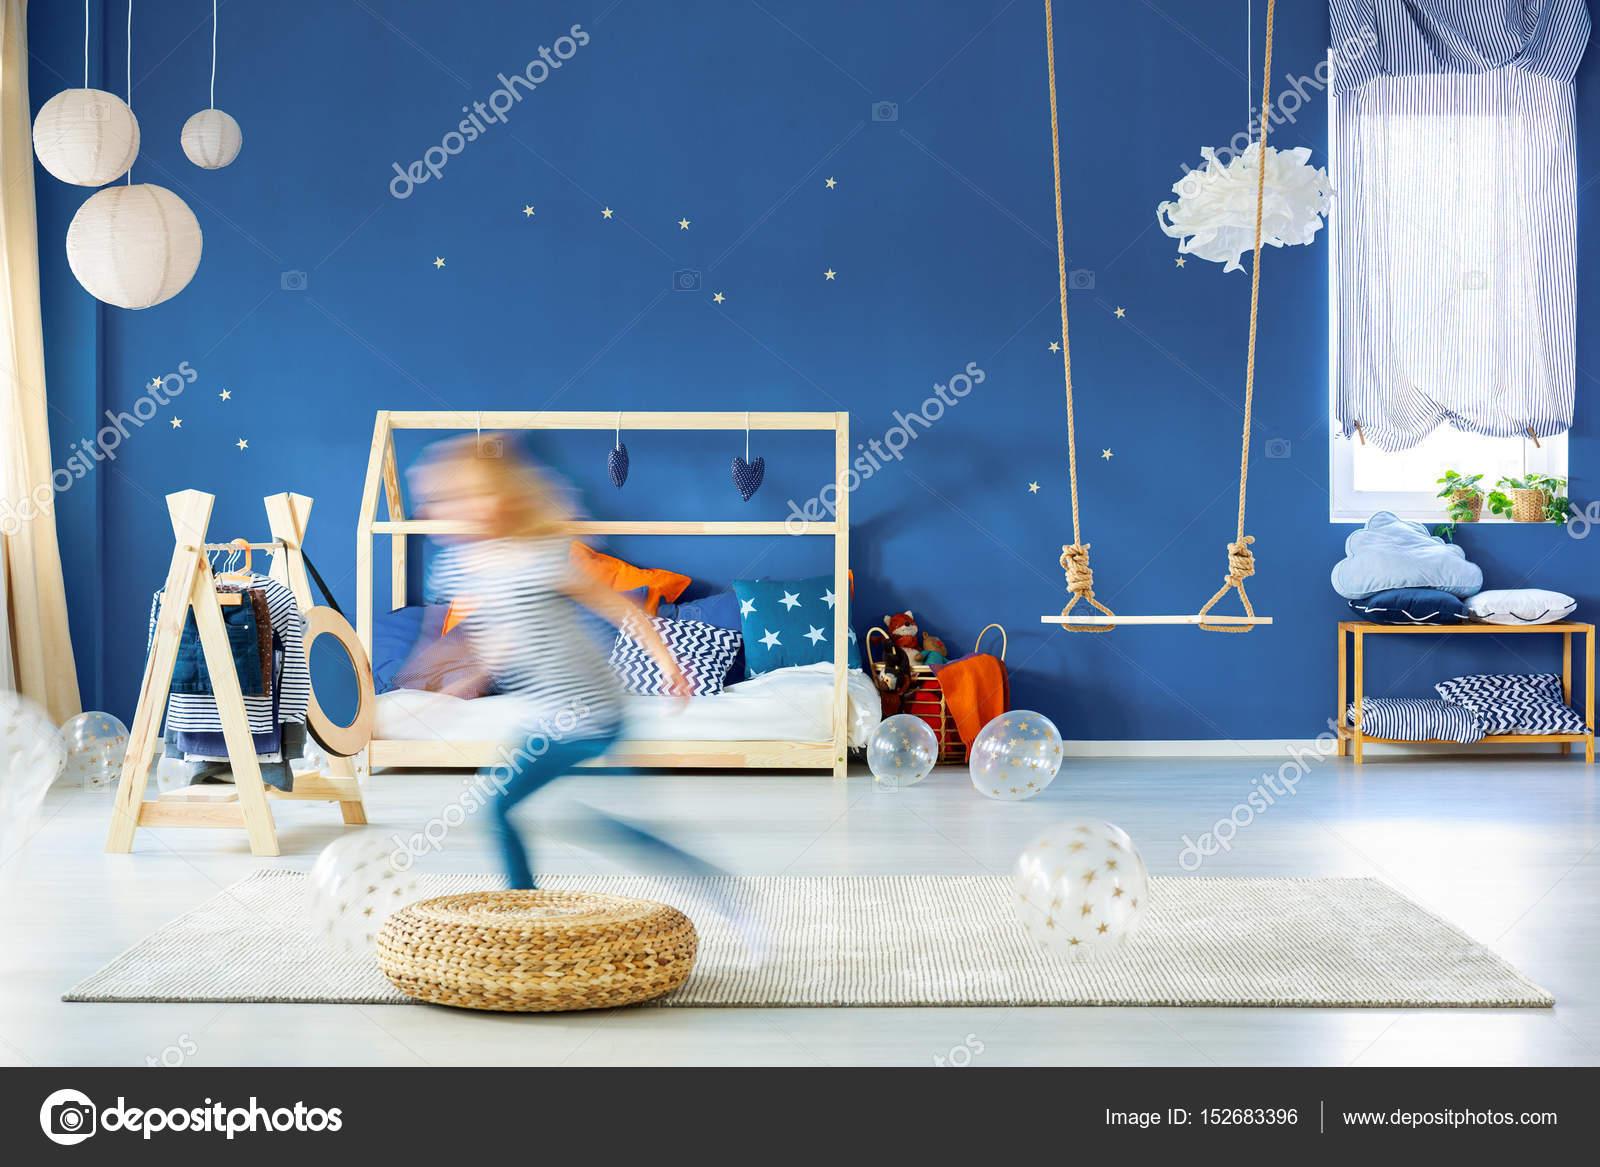 Slaapkamer Blauwe Muur : De slaapkamer van het kind met blauwe muur u stockfoto